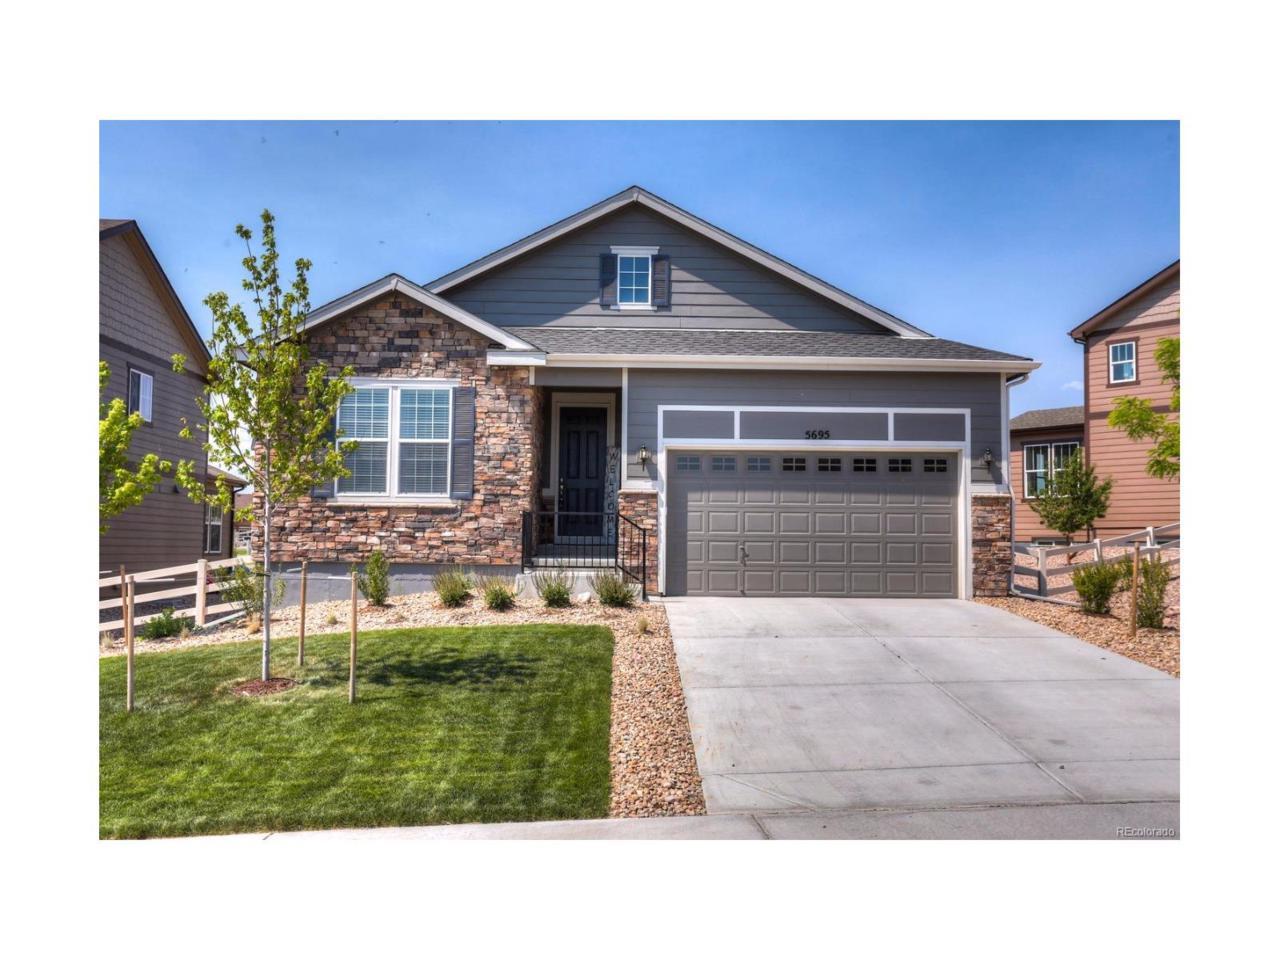 5695 Echo Hollow Street, Castle Rock, CO 80104 (MLS #6922317) :: 8z Real Estate